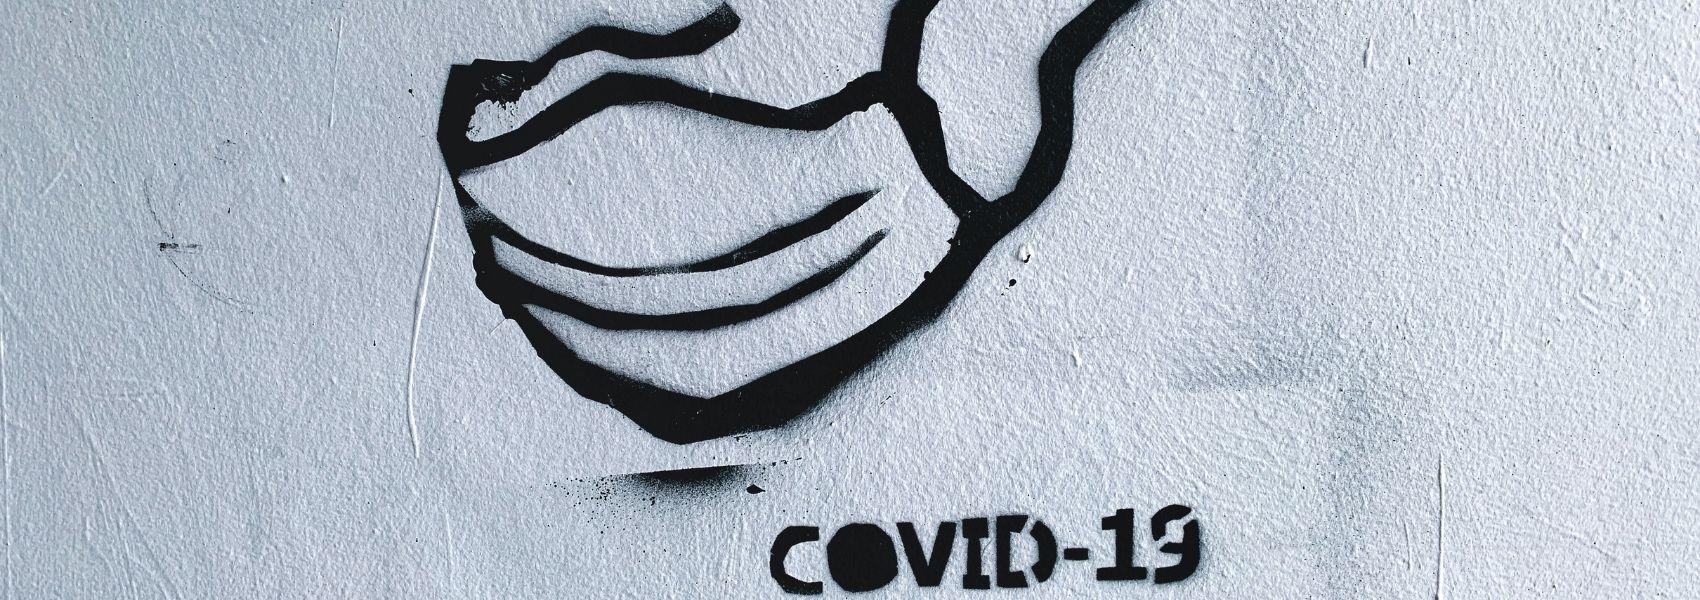 Cientistas acreditam que COVID-19 se tornará sazonal… mas não para já